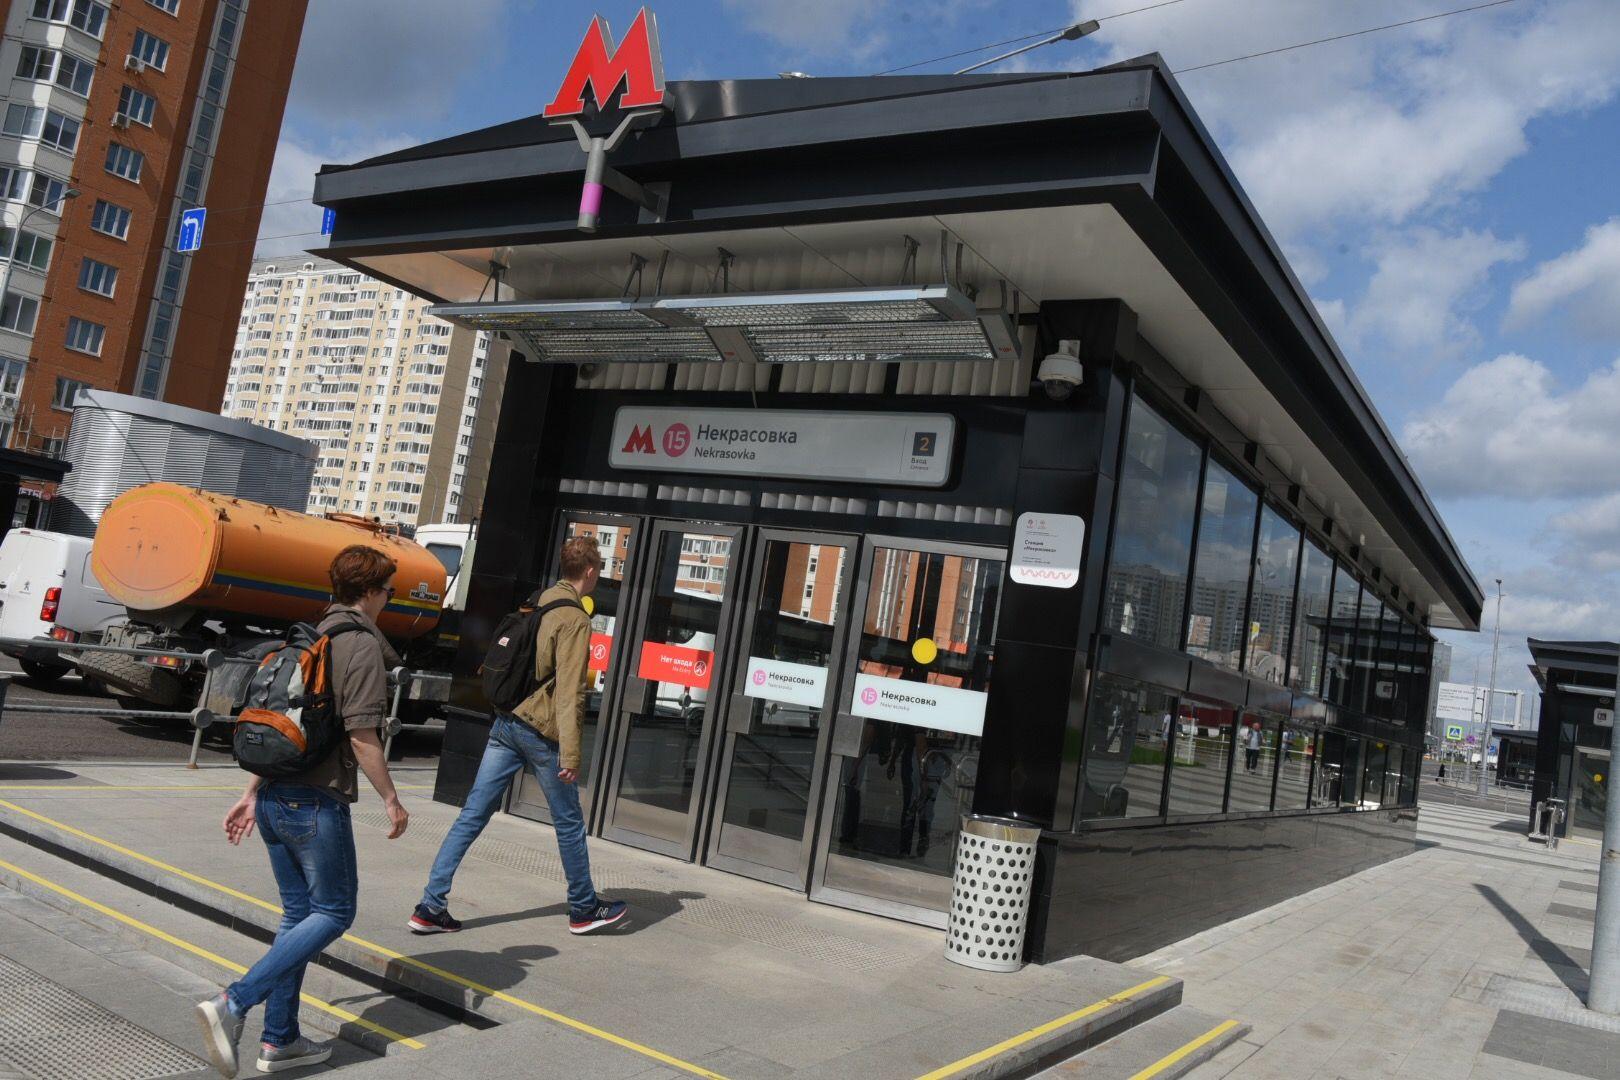 Москва до зимы завершит благоустройство вокруг девяти станций метро